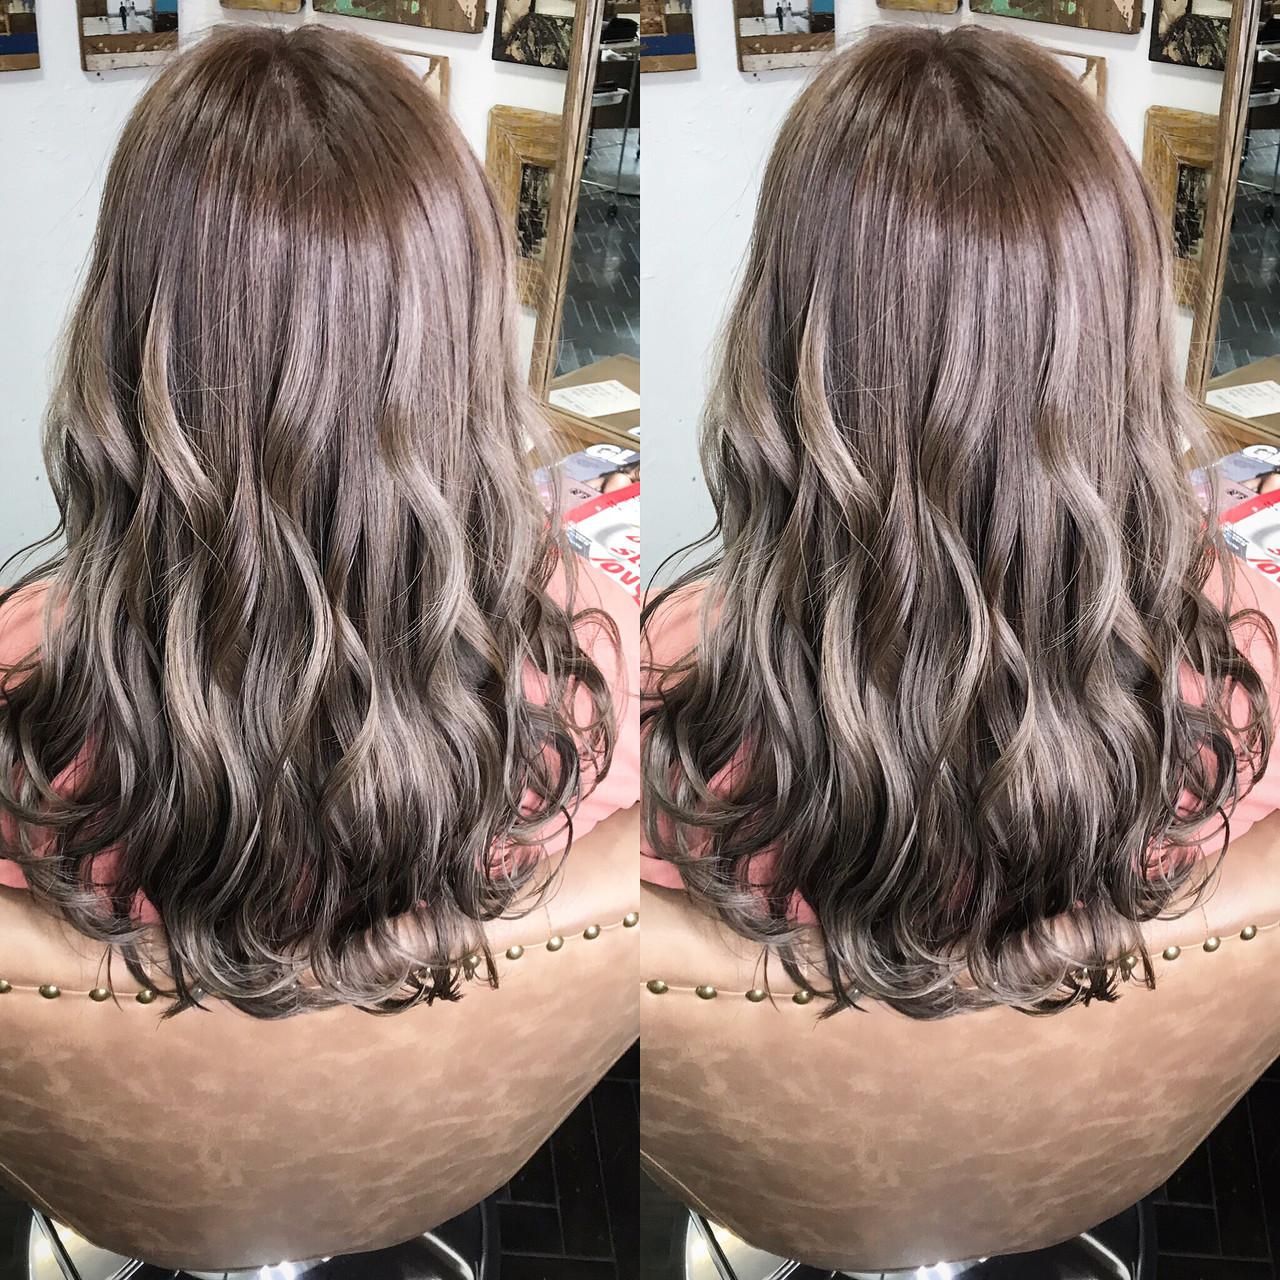 シアーベージュ ショコラブラウン ミディアム ヌーディベージュ ヘアスタイルや髪型の写真・画像